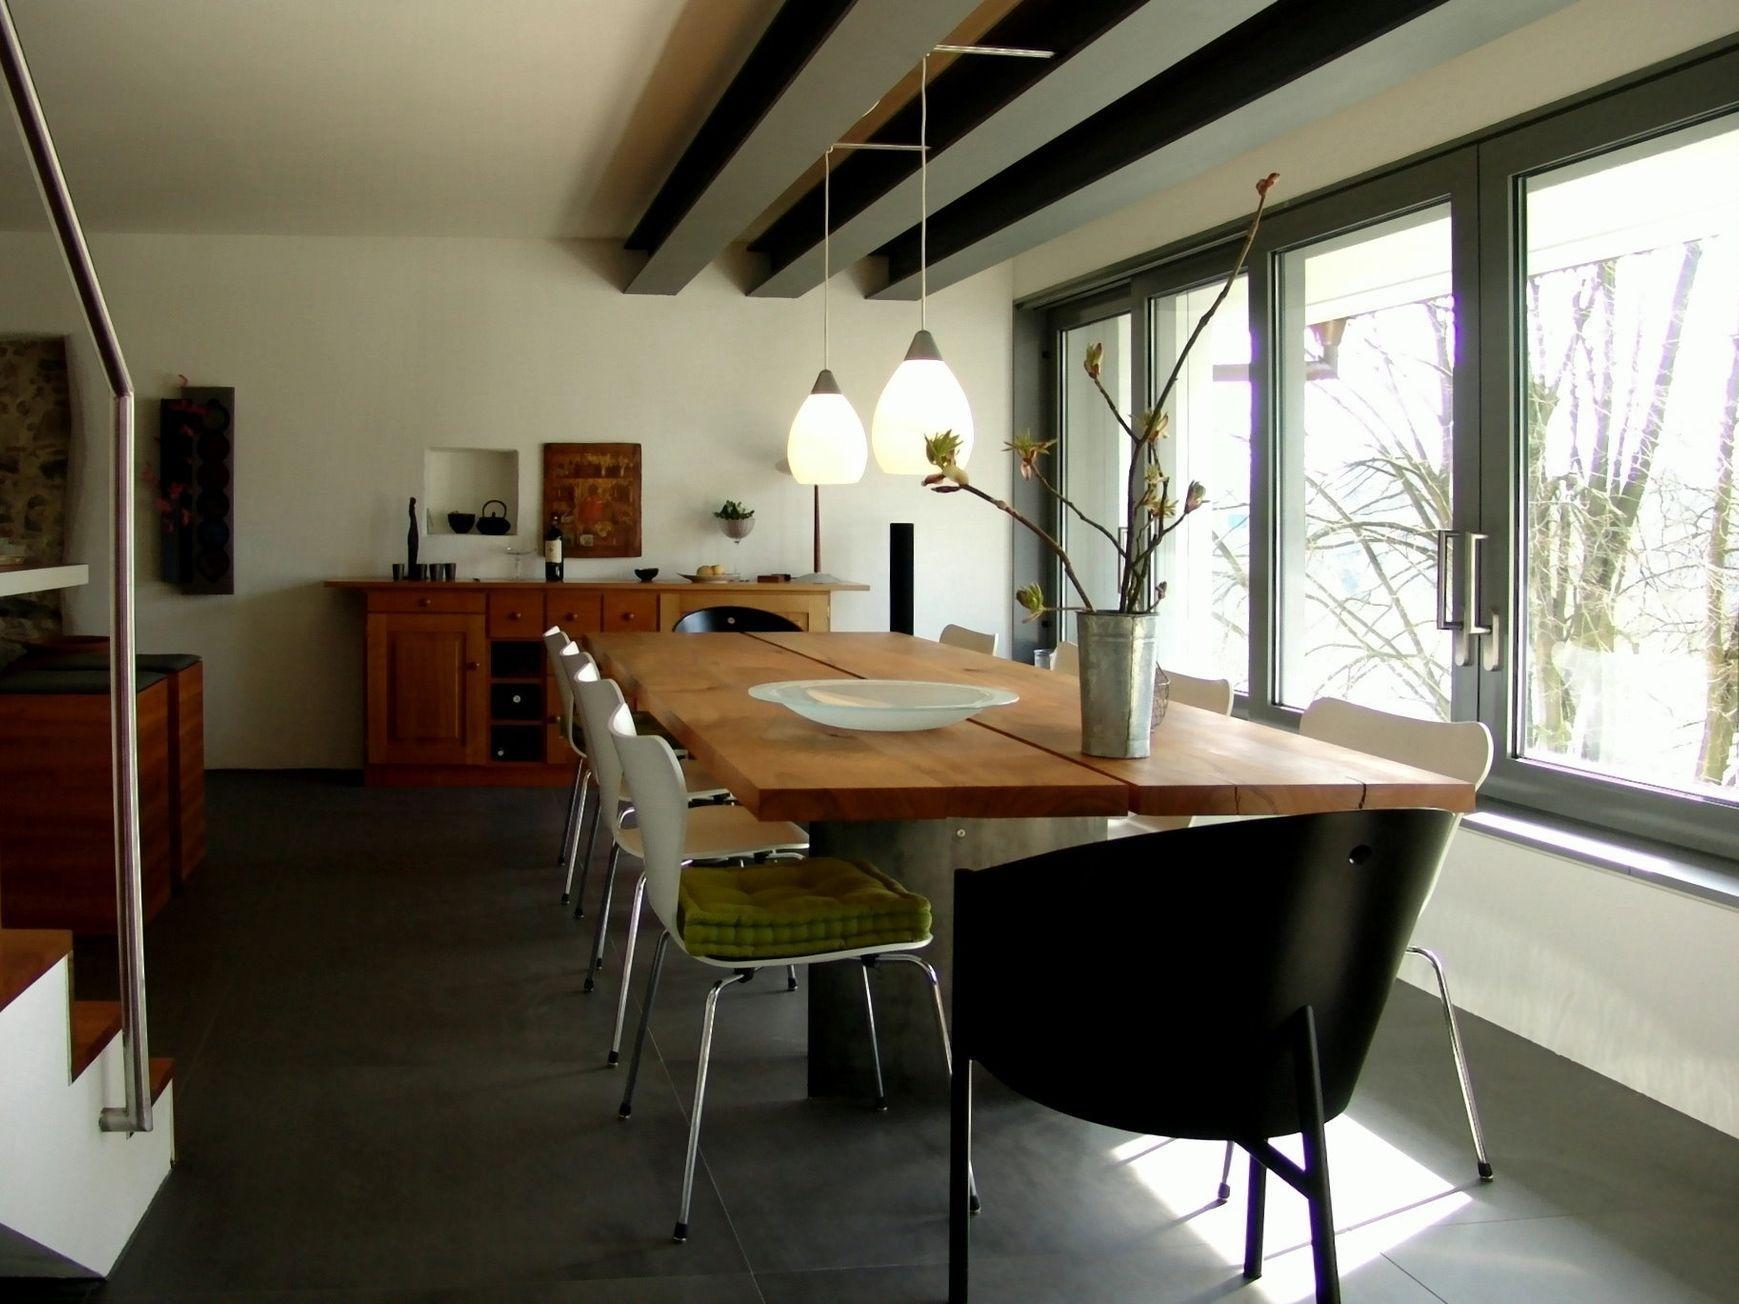 Full Size of Fensterfugen Erneuern Fenster Oder Abdichten Bauemotionde Kosten Bad Wohnzimmer Fensterfugen Erneuern